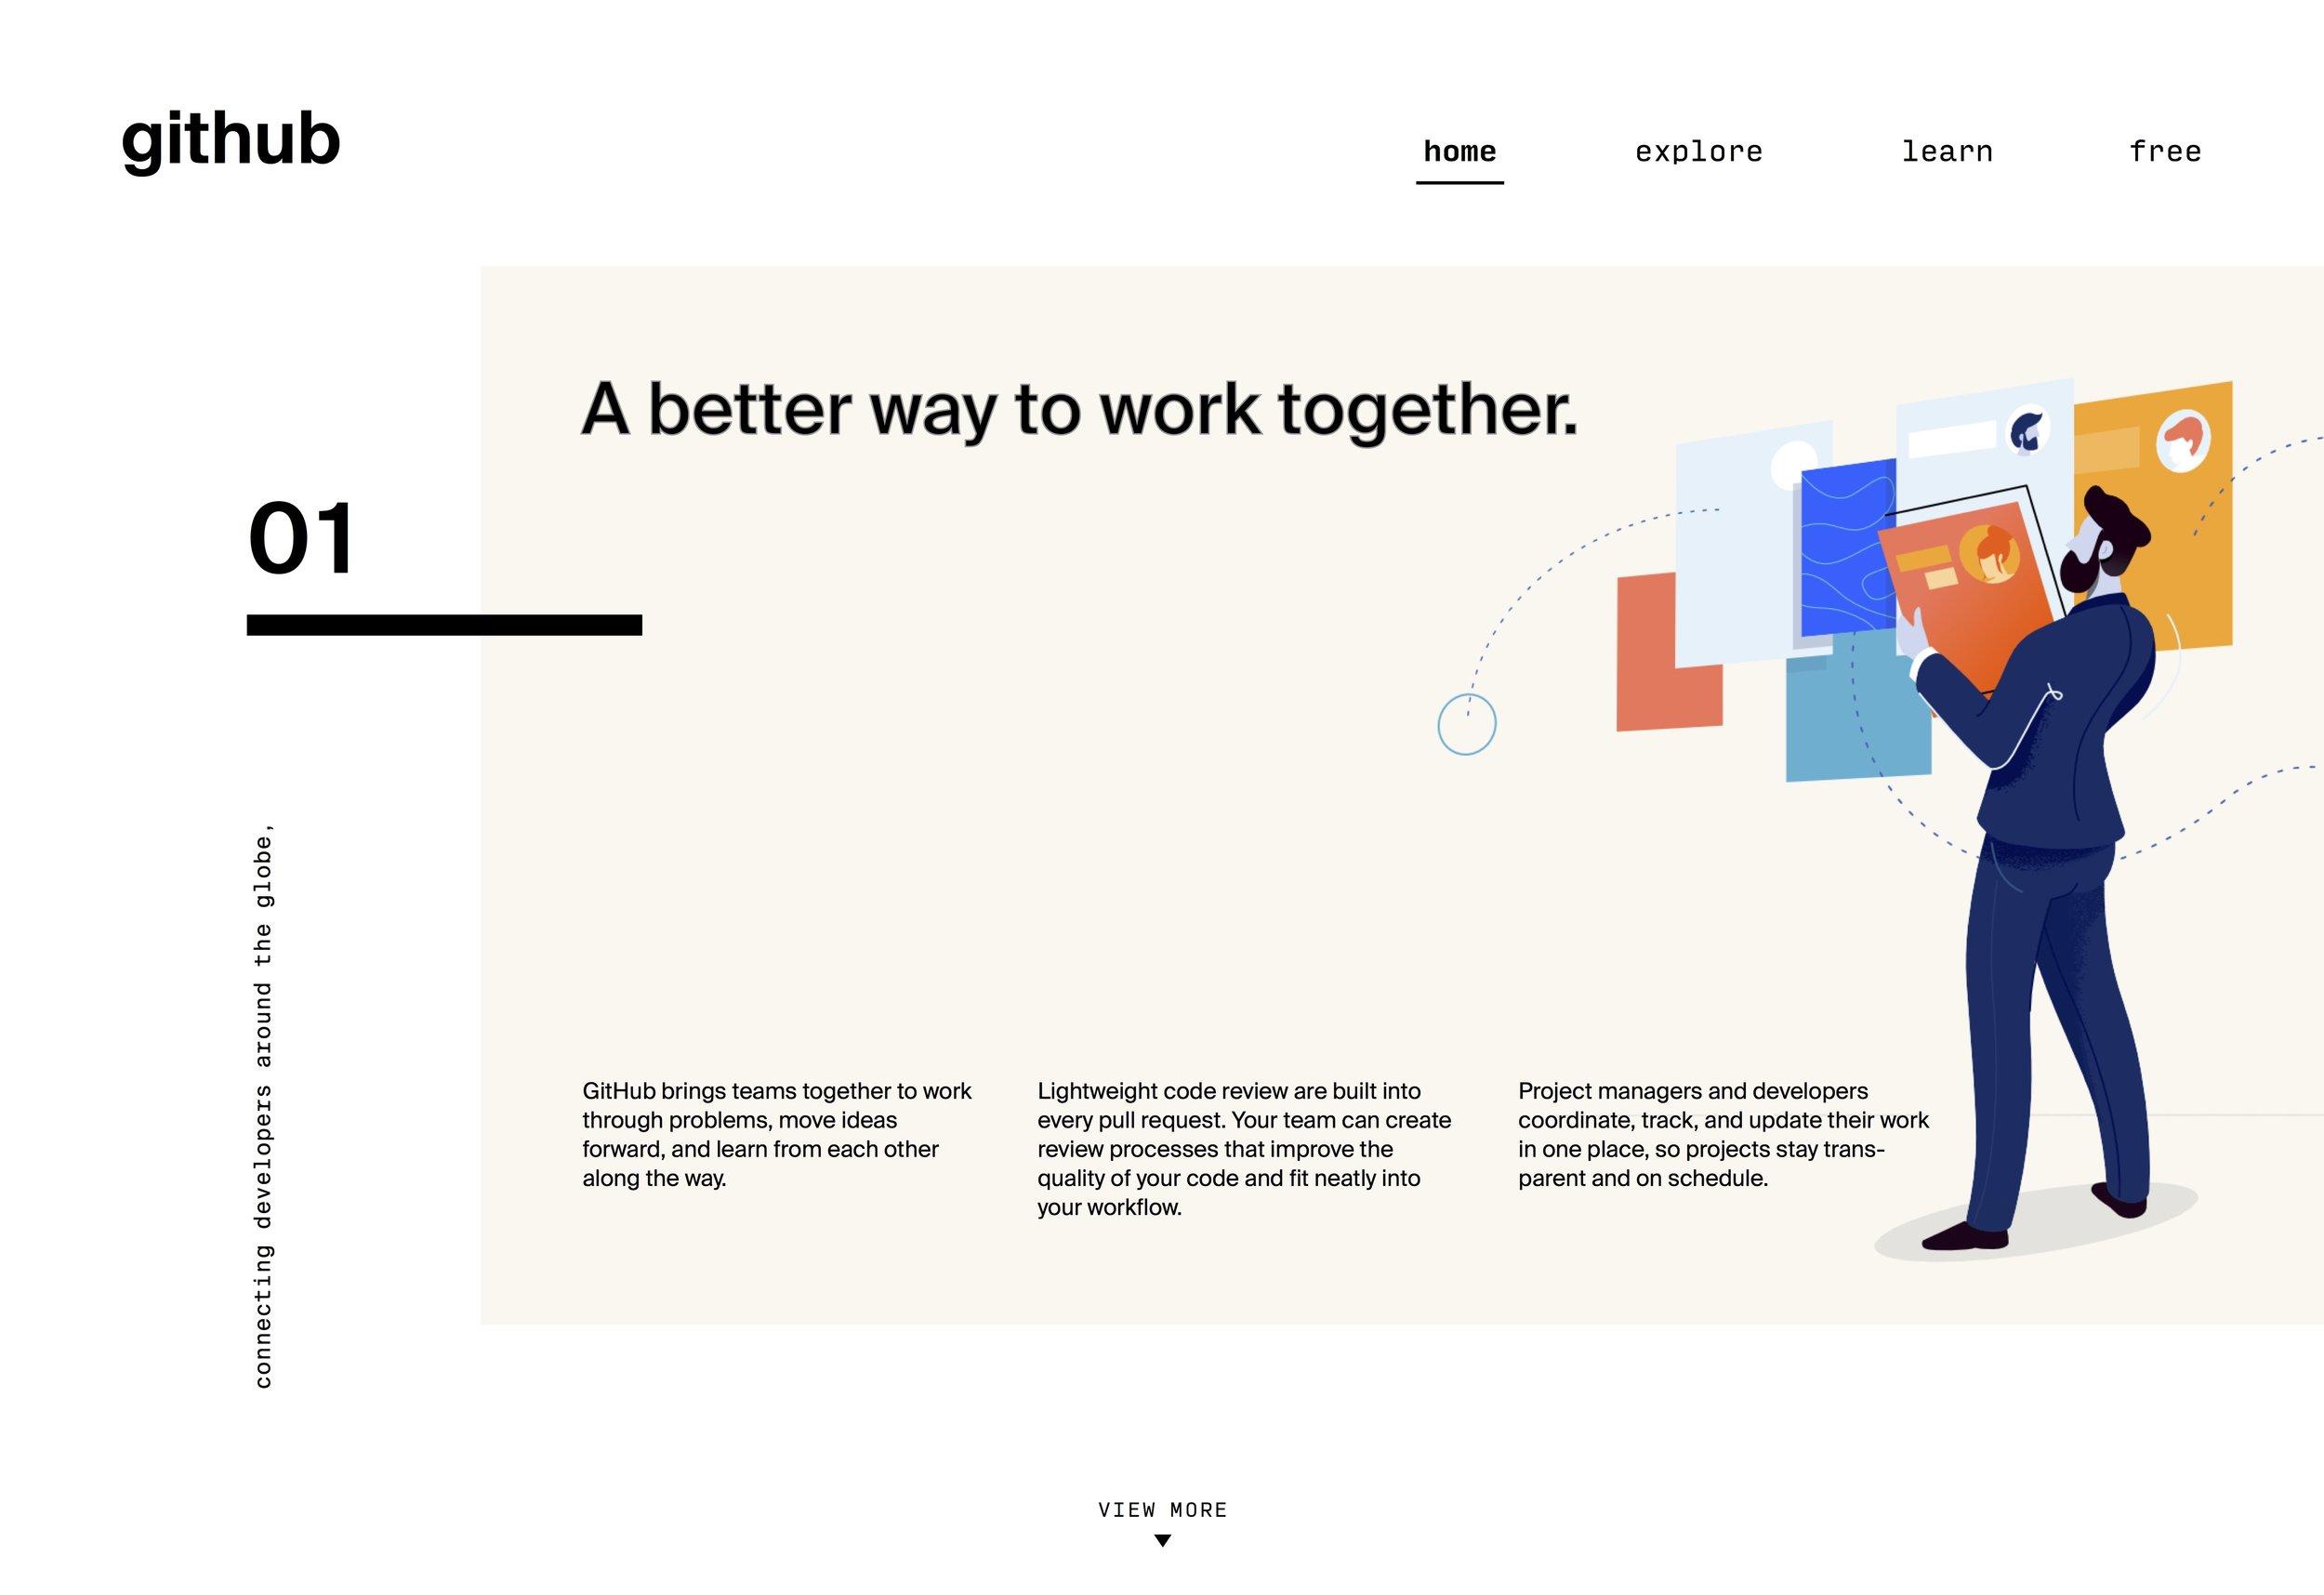 GitHub Desktop App + Web — nana tabata